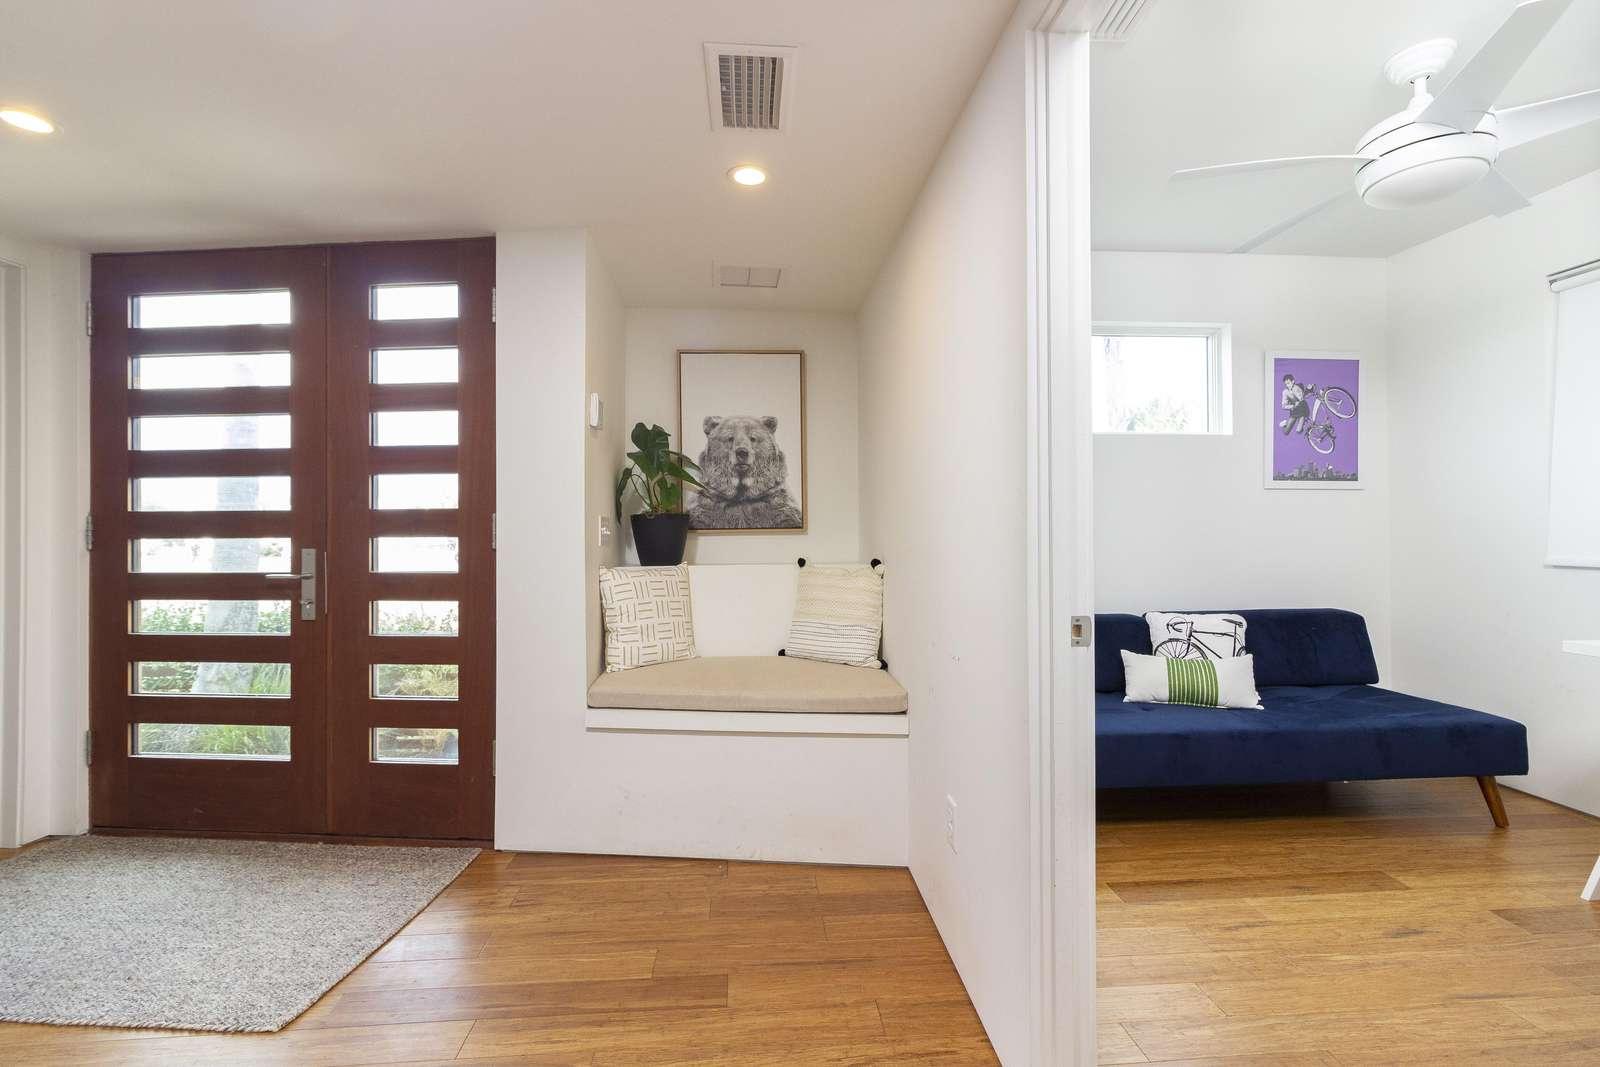 Foyer - Entry Door